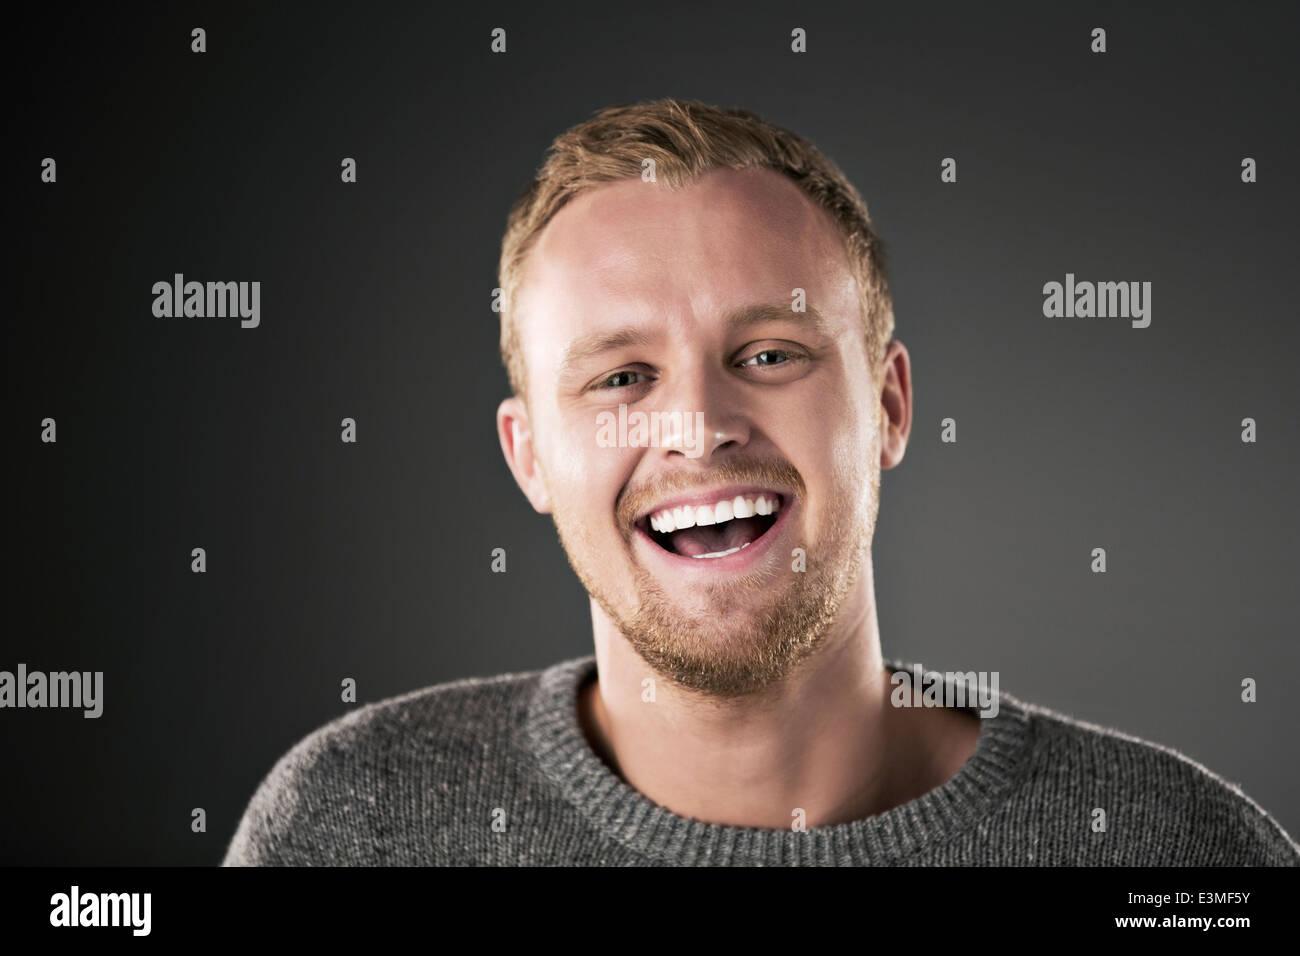 Retrato del hombre ríe Imagen De Stock